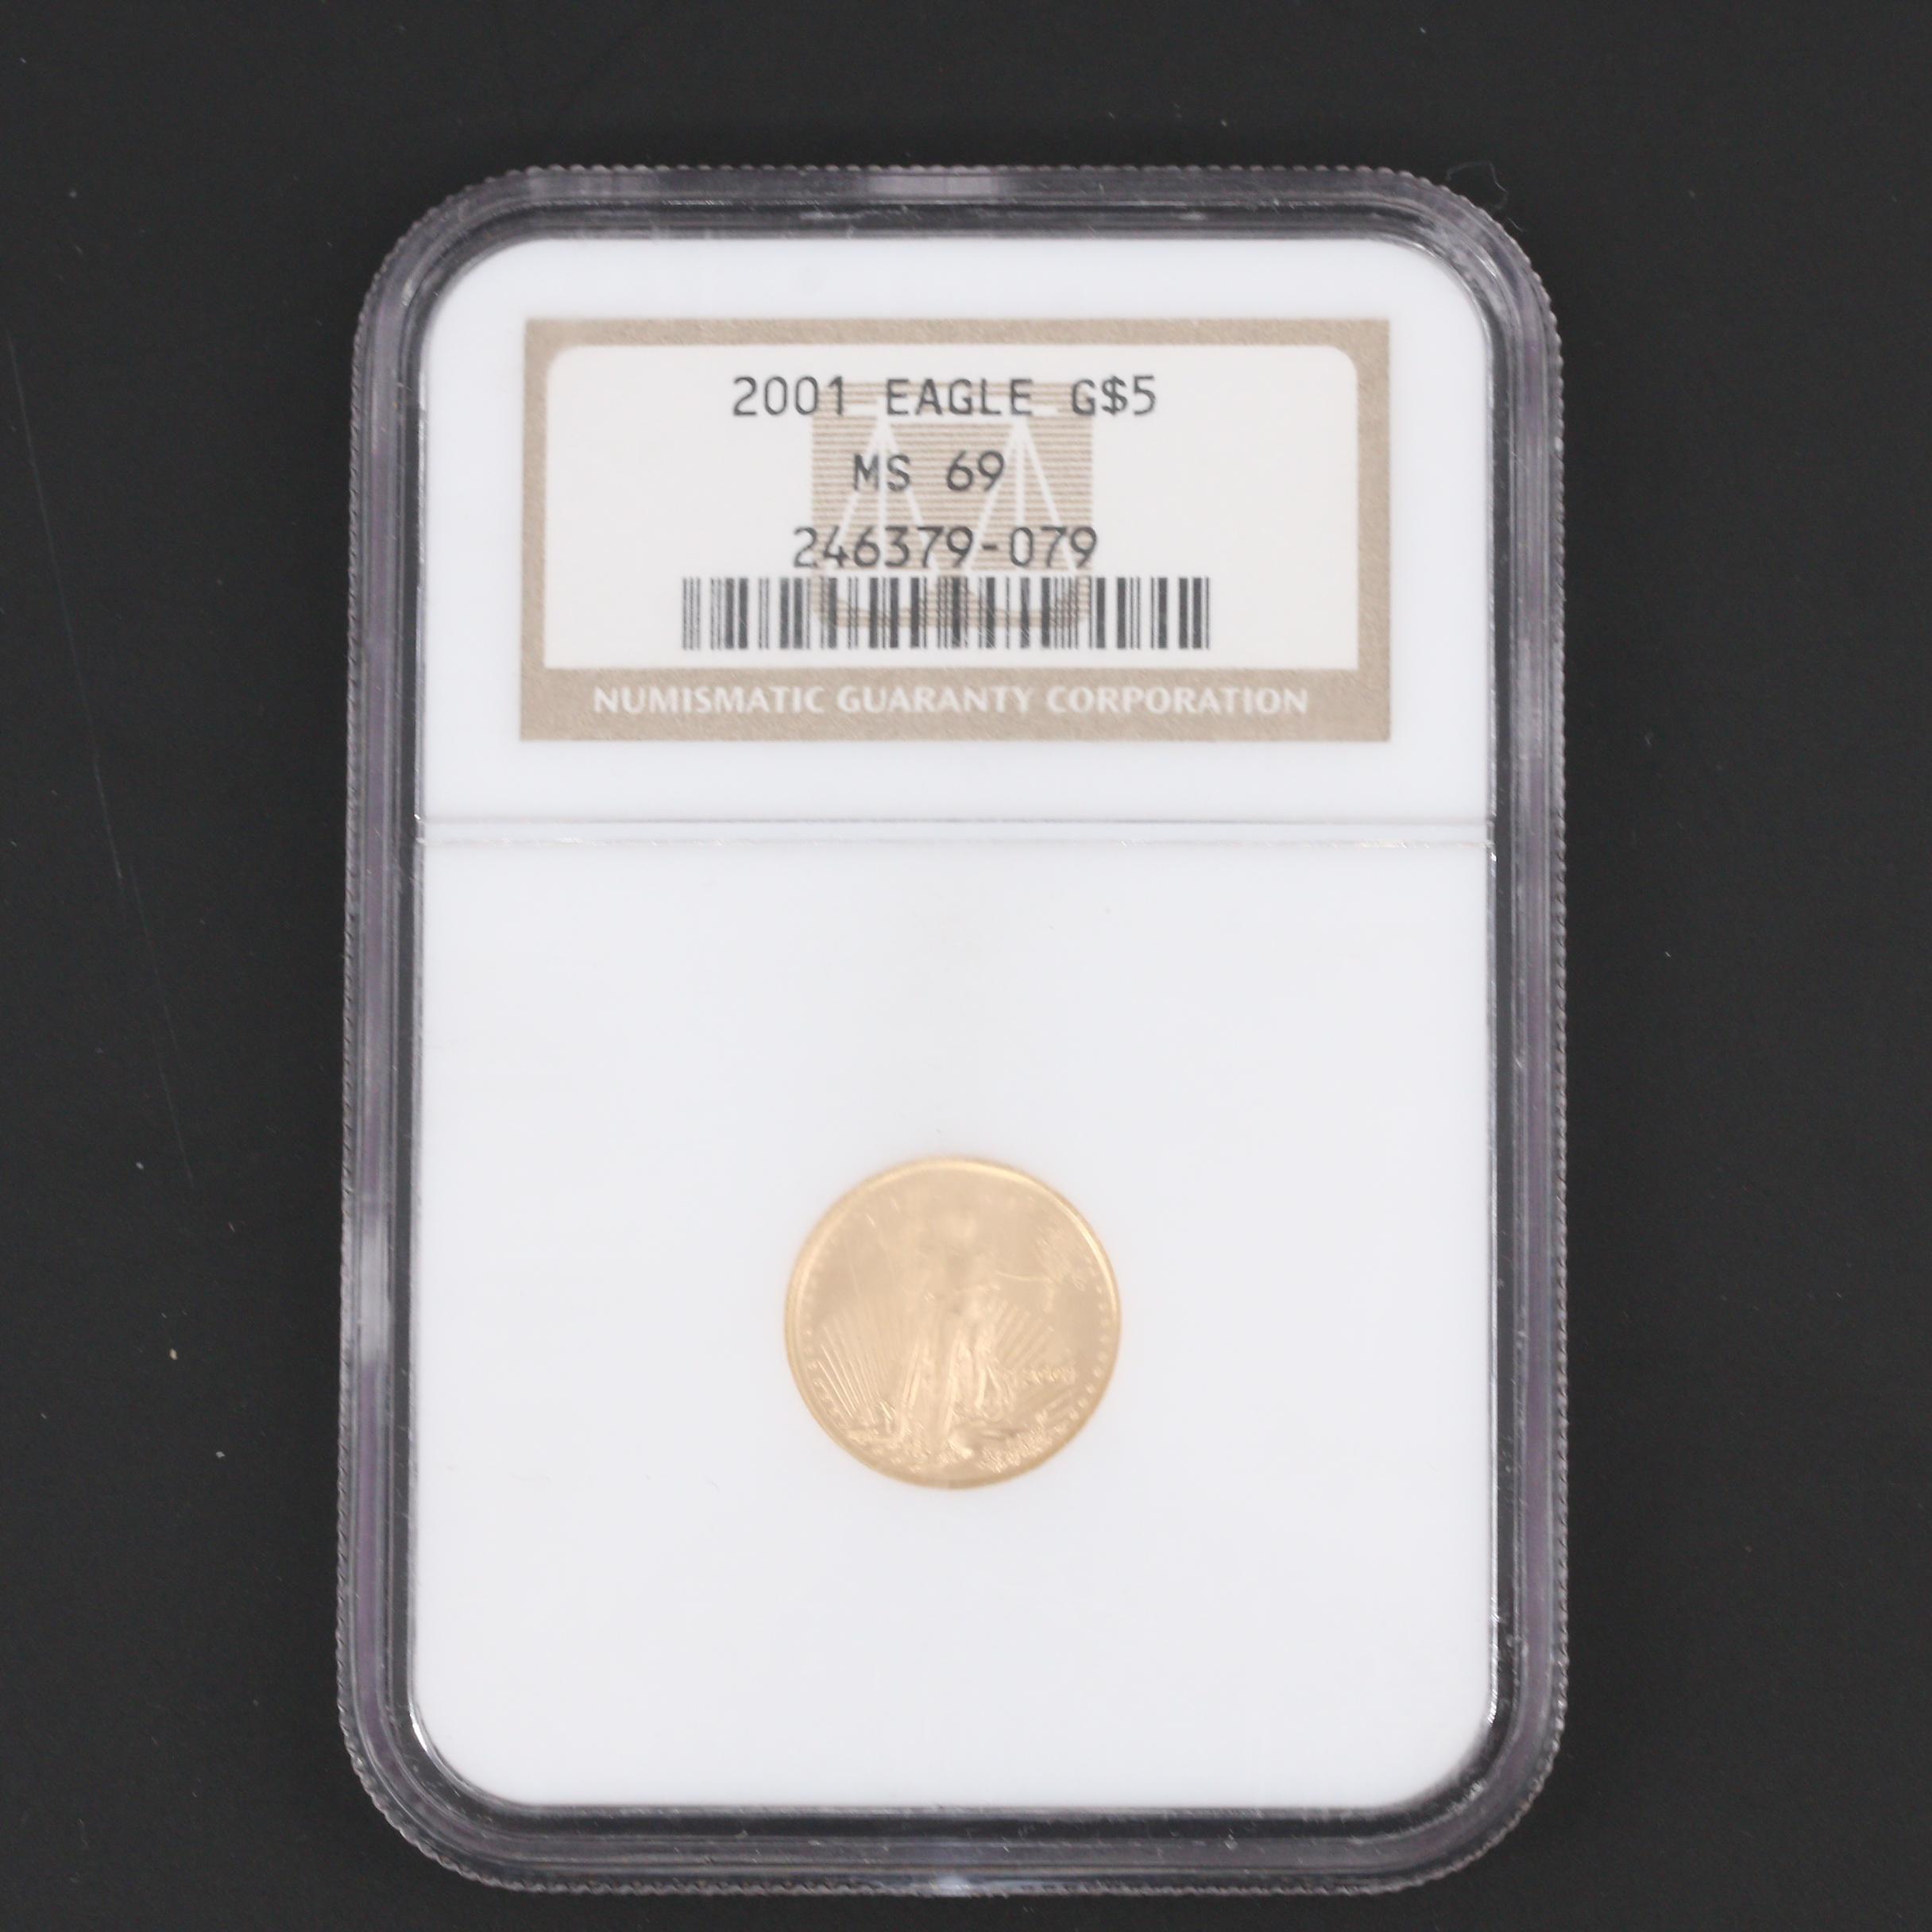 NGC Graded 2001 $5 Gold Eagle 1/10 Oz. Bullion Coin